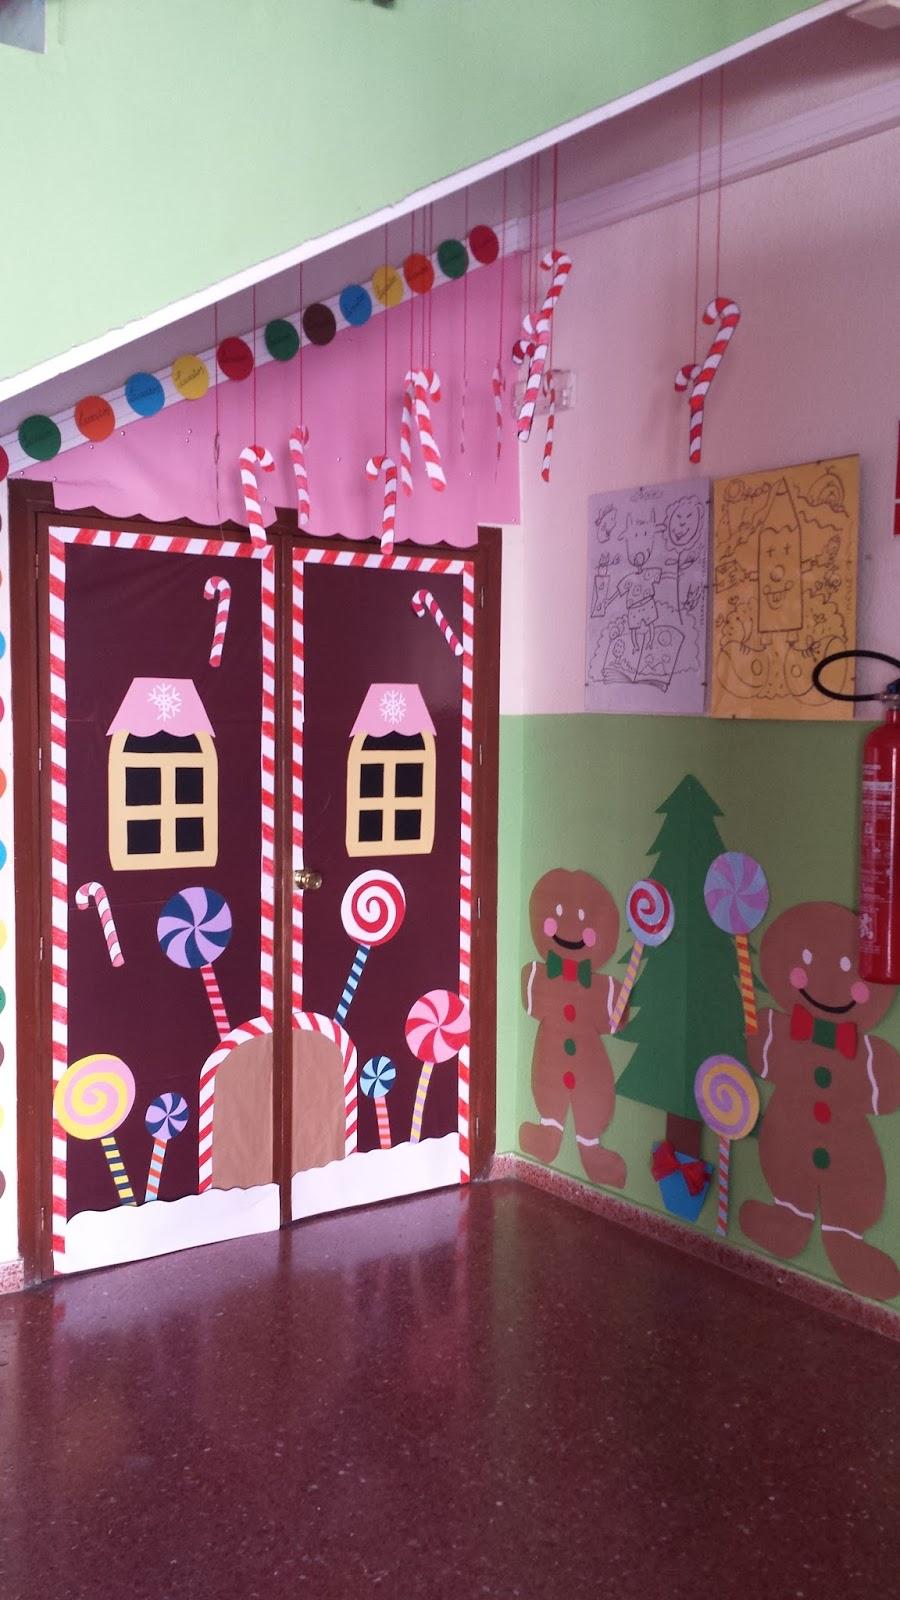 Ceip virgen del carmen decoraci n de puertas navide as en for Puertas decoradas navidad colegio